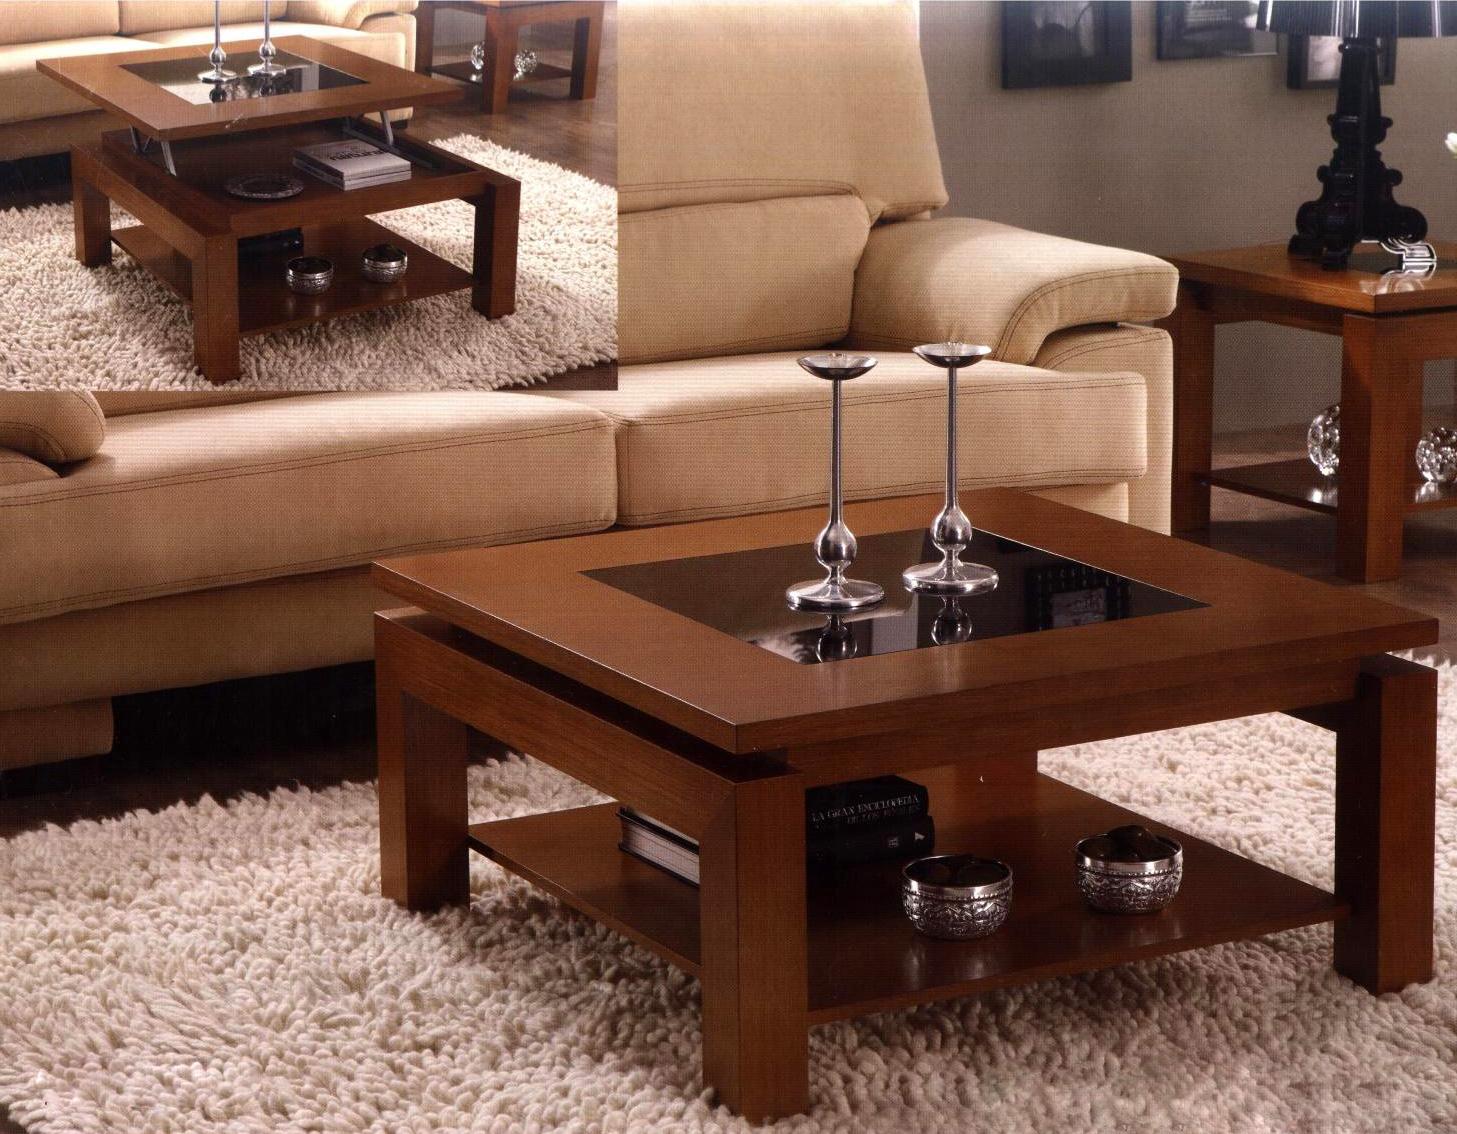 Tienda muebles modernos muebles de salon modernos salones de dise o madrid mesas de centro - Centro reto madrid recogida muebles ...